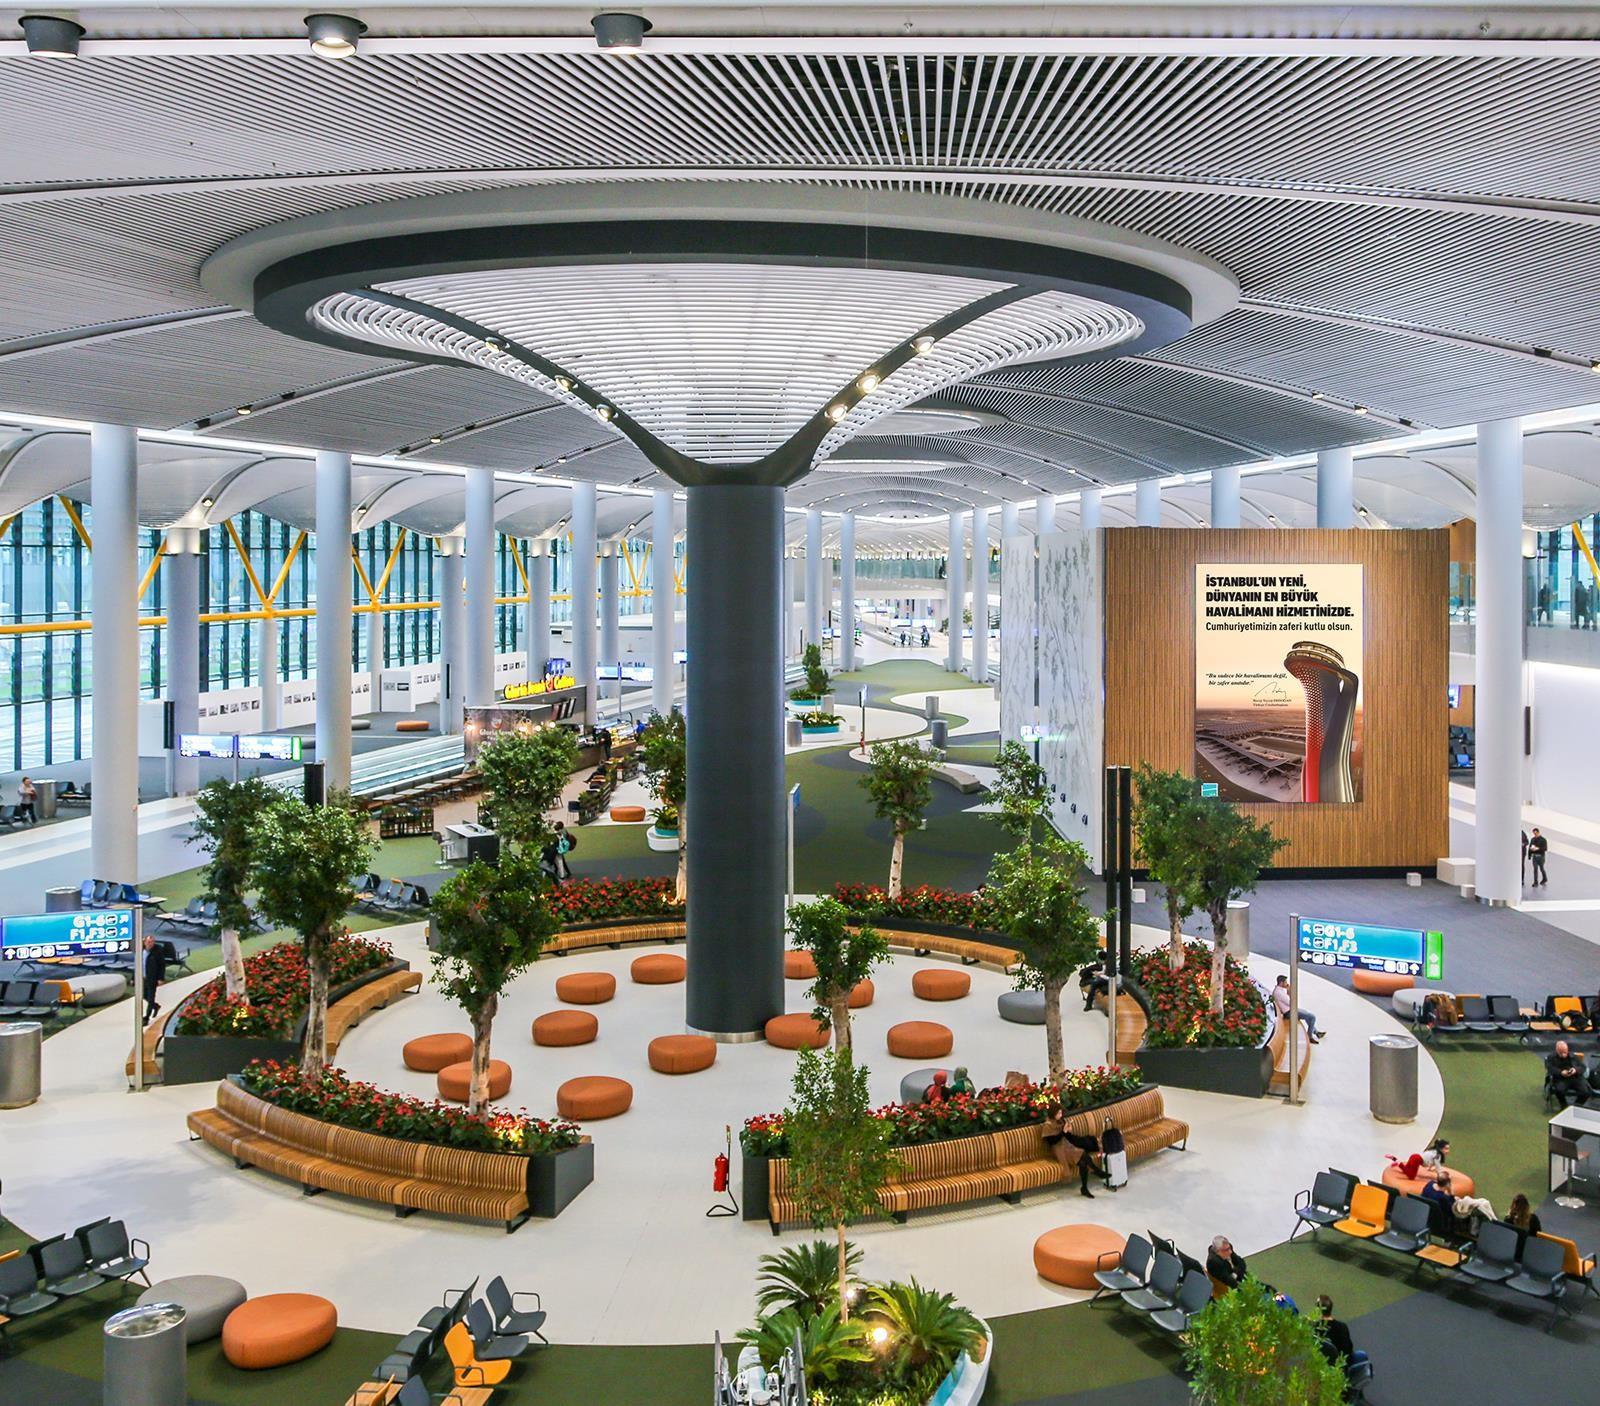 Siêu sân bay 12 tỷ USD của Thổ Nhĩ Kỳ chính thức mở cửa, ai cũng tò mò không biết có gì bên trong - Ảnh 13.